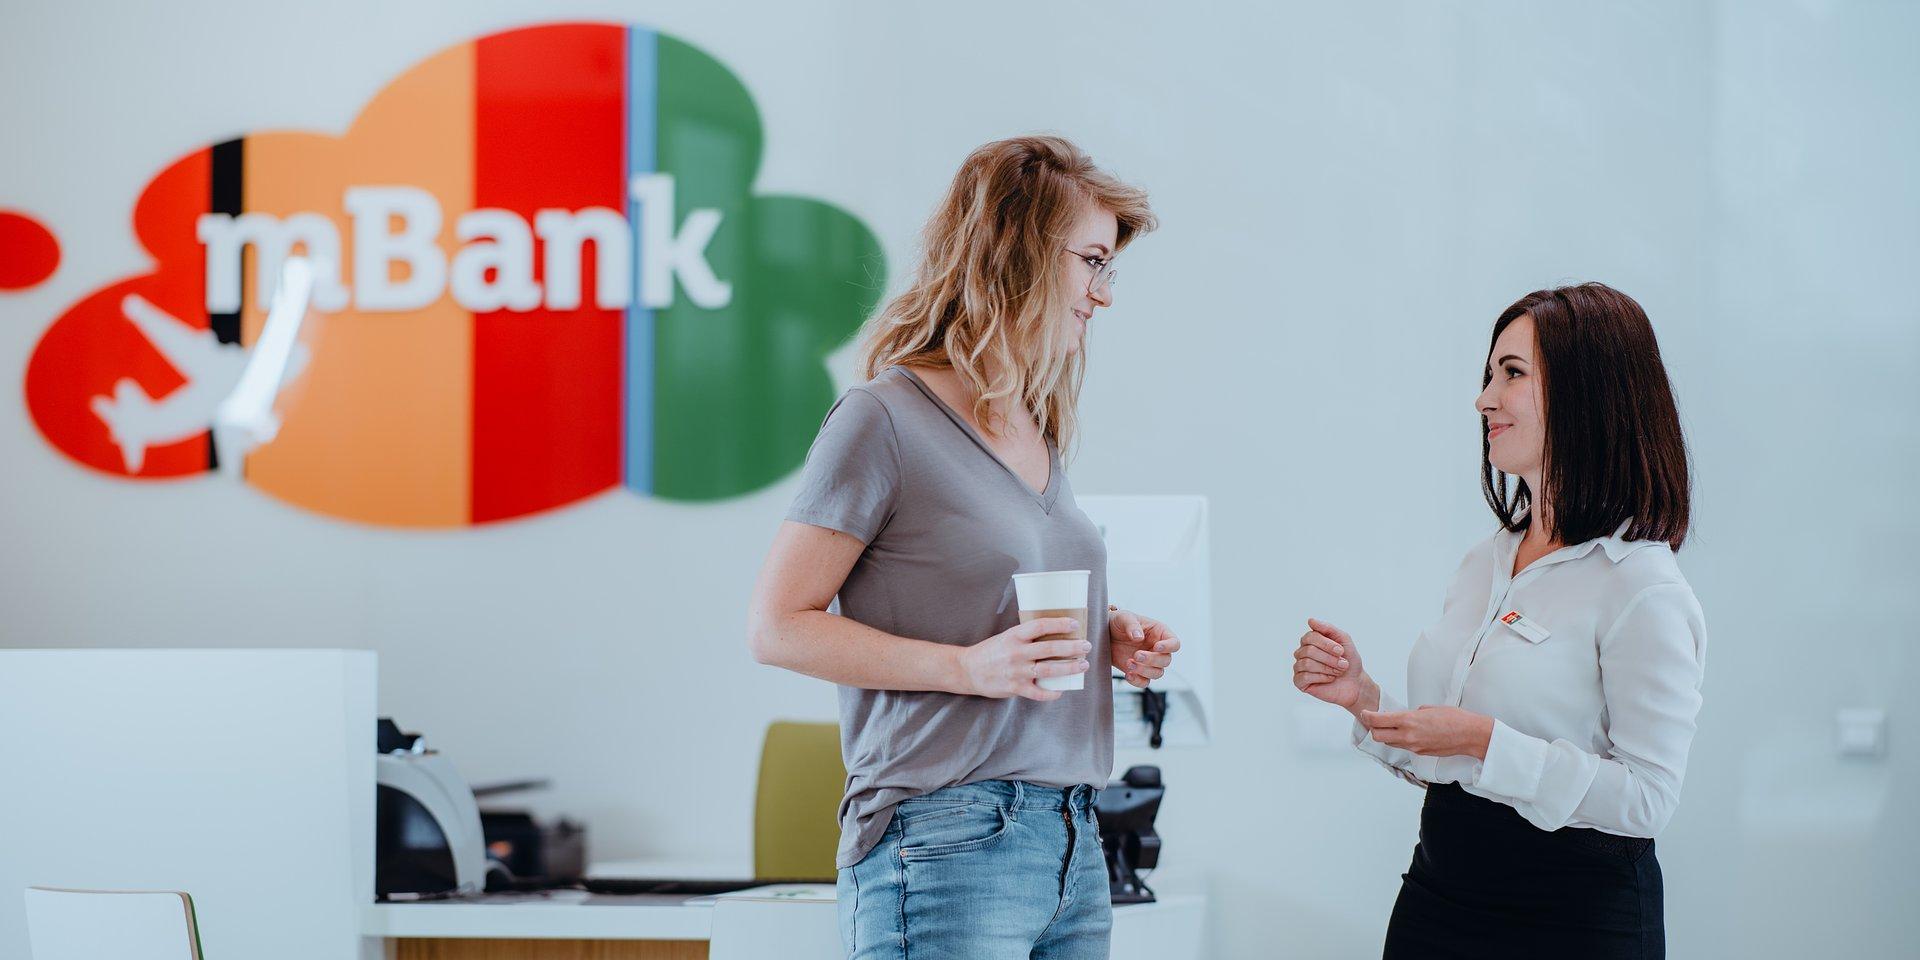 mBank doceniony za działania na rzecz równości płci w biznesie, wchodzi w skład indeksu Bloomberg Gender Equality